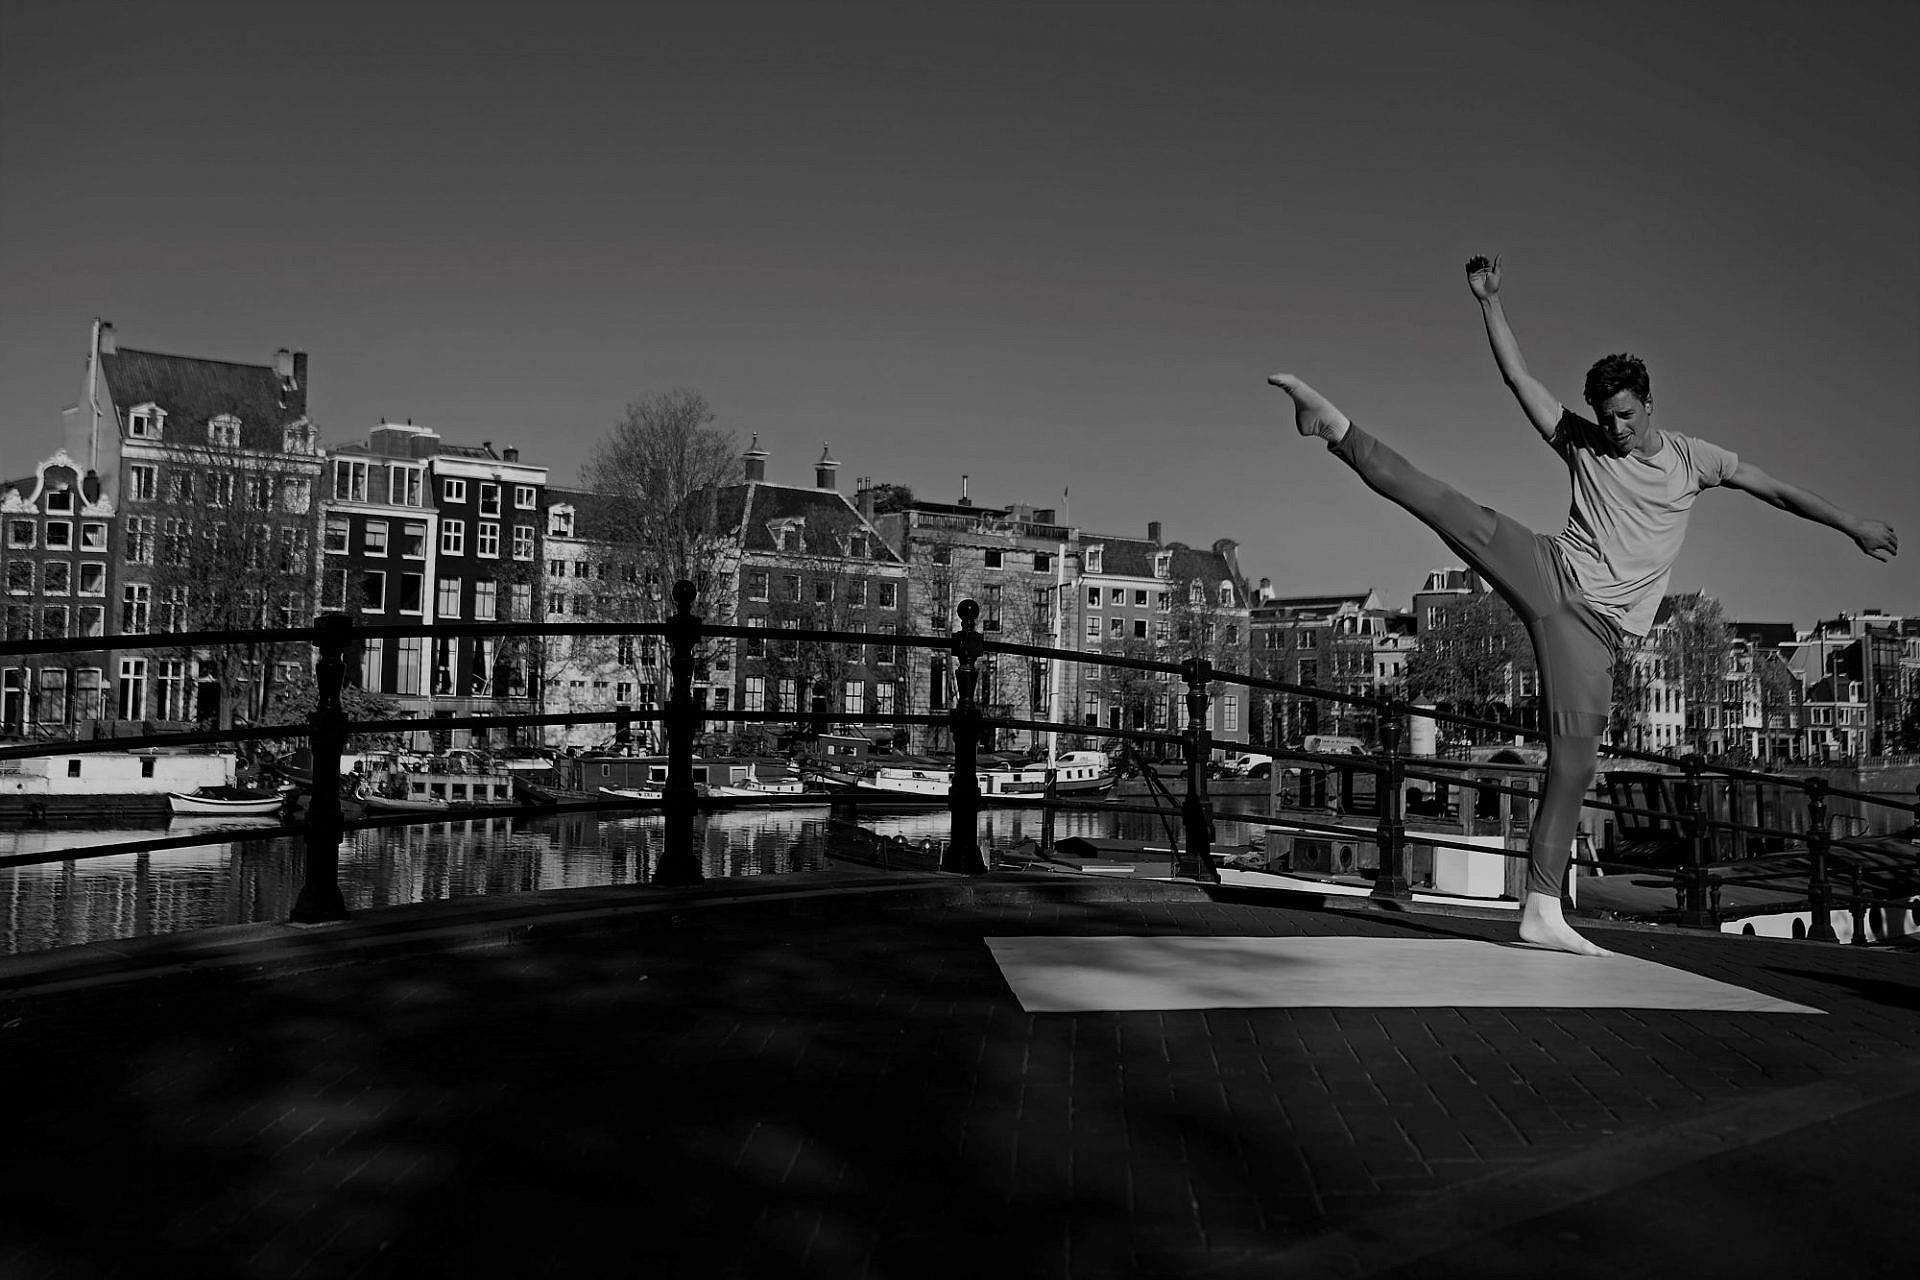 רוקדים כאילו אף אחד לא רואה. רקדן הבלט ההולנדי המלכותי מתאמן באמסטרדם הריקה (צילום: גטי אימג'ס)